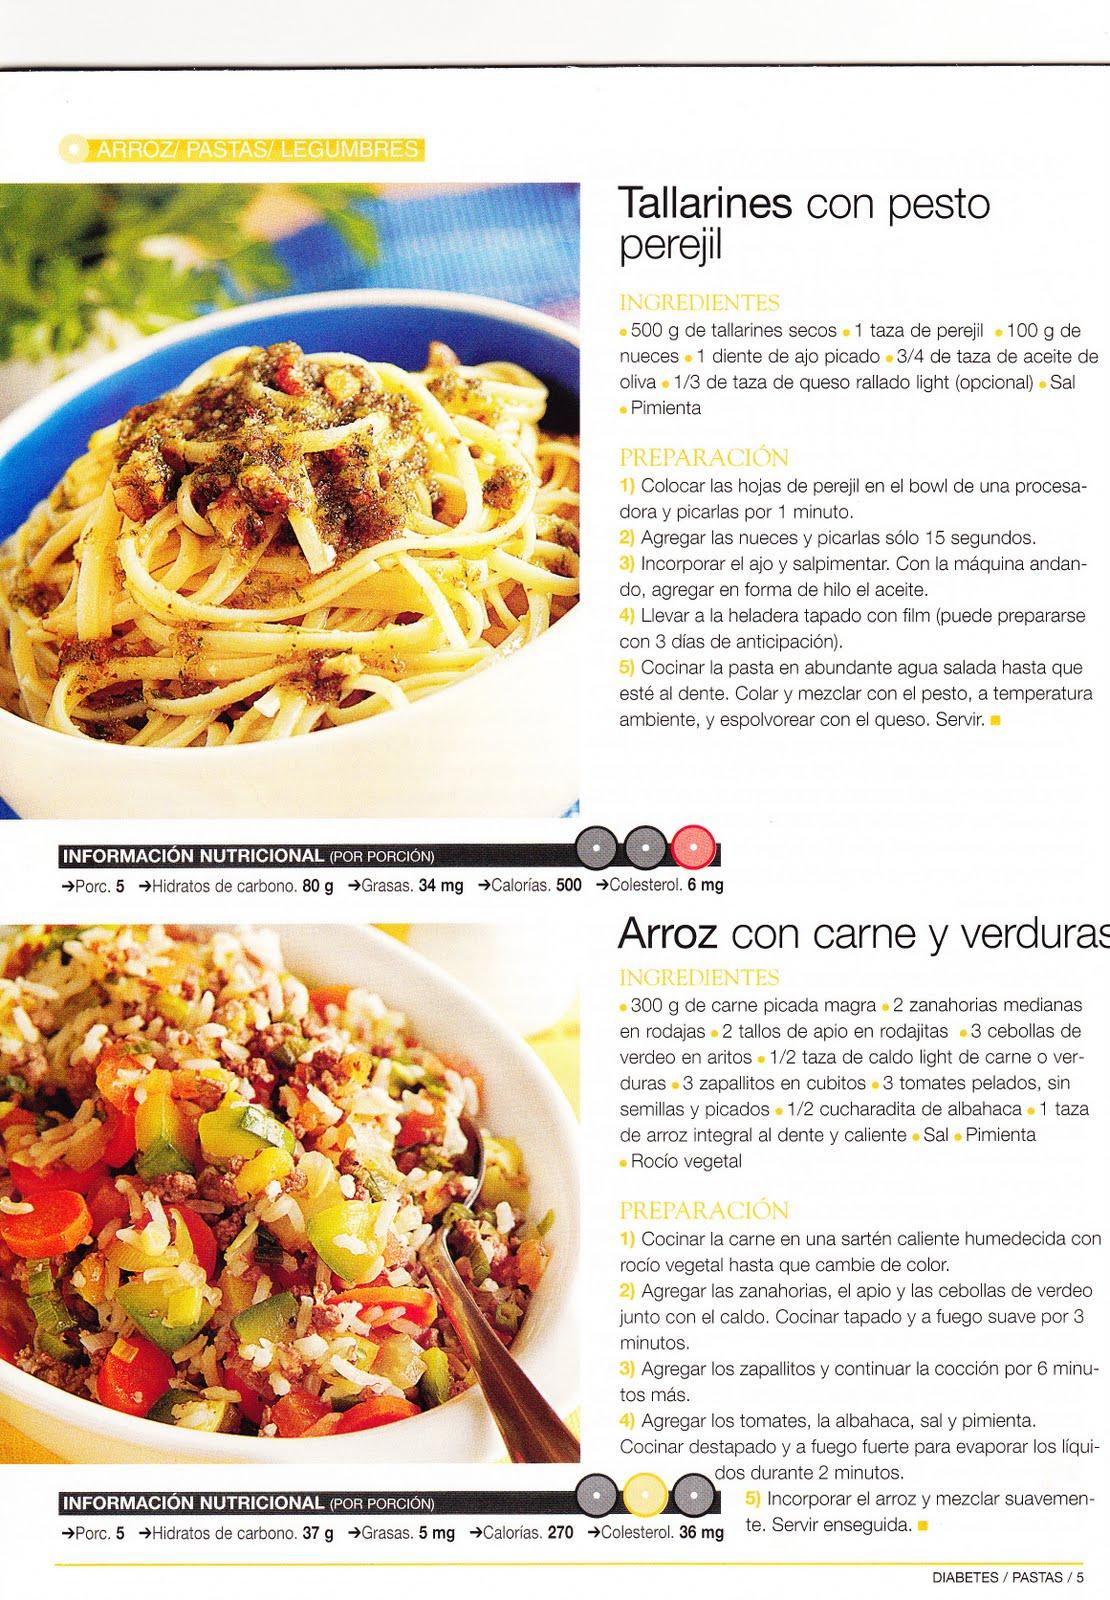 Algunas recetas de comidas la chica con diabetes tipo 1 for Resetas para comidas